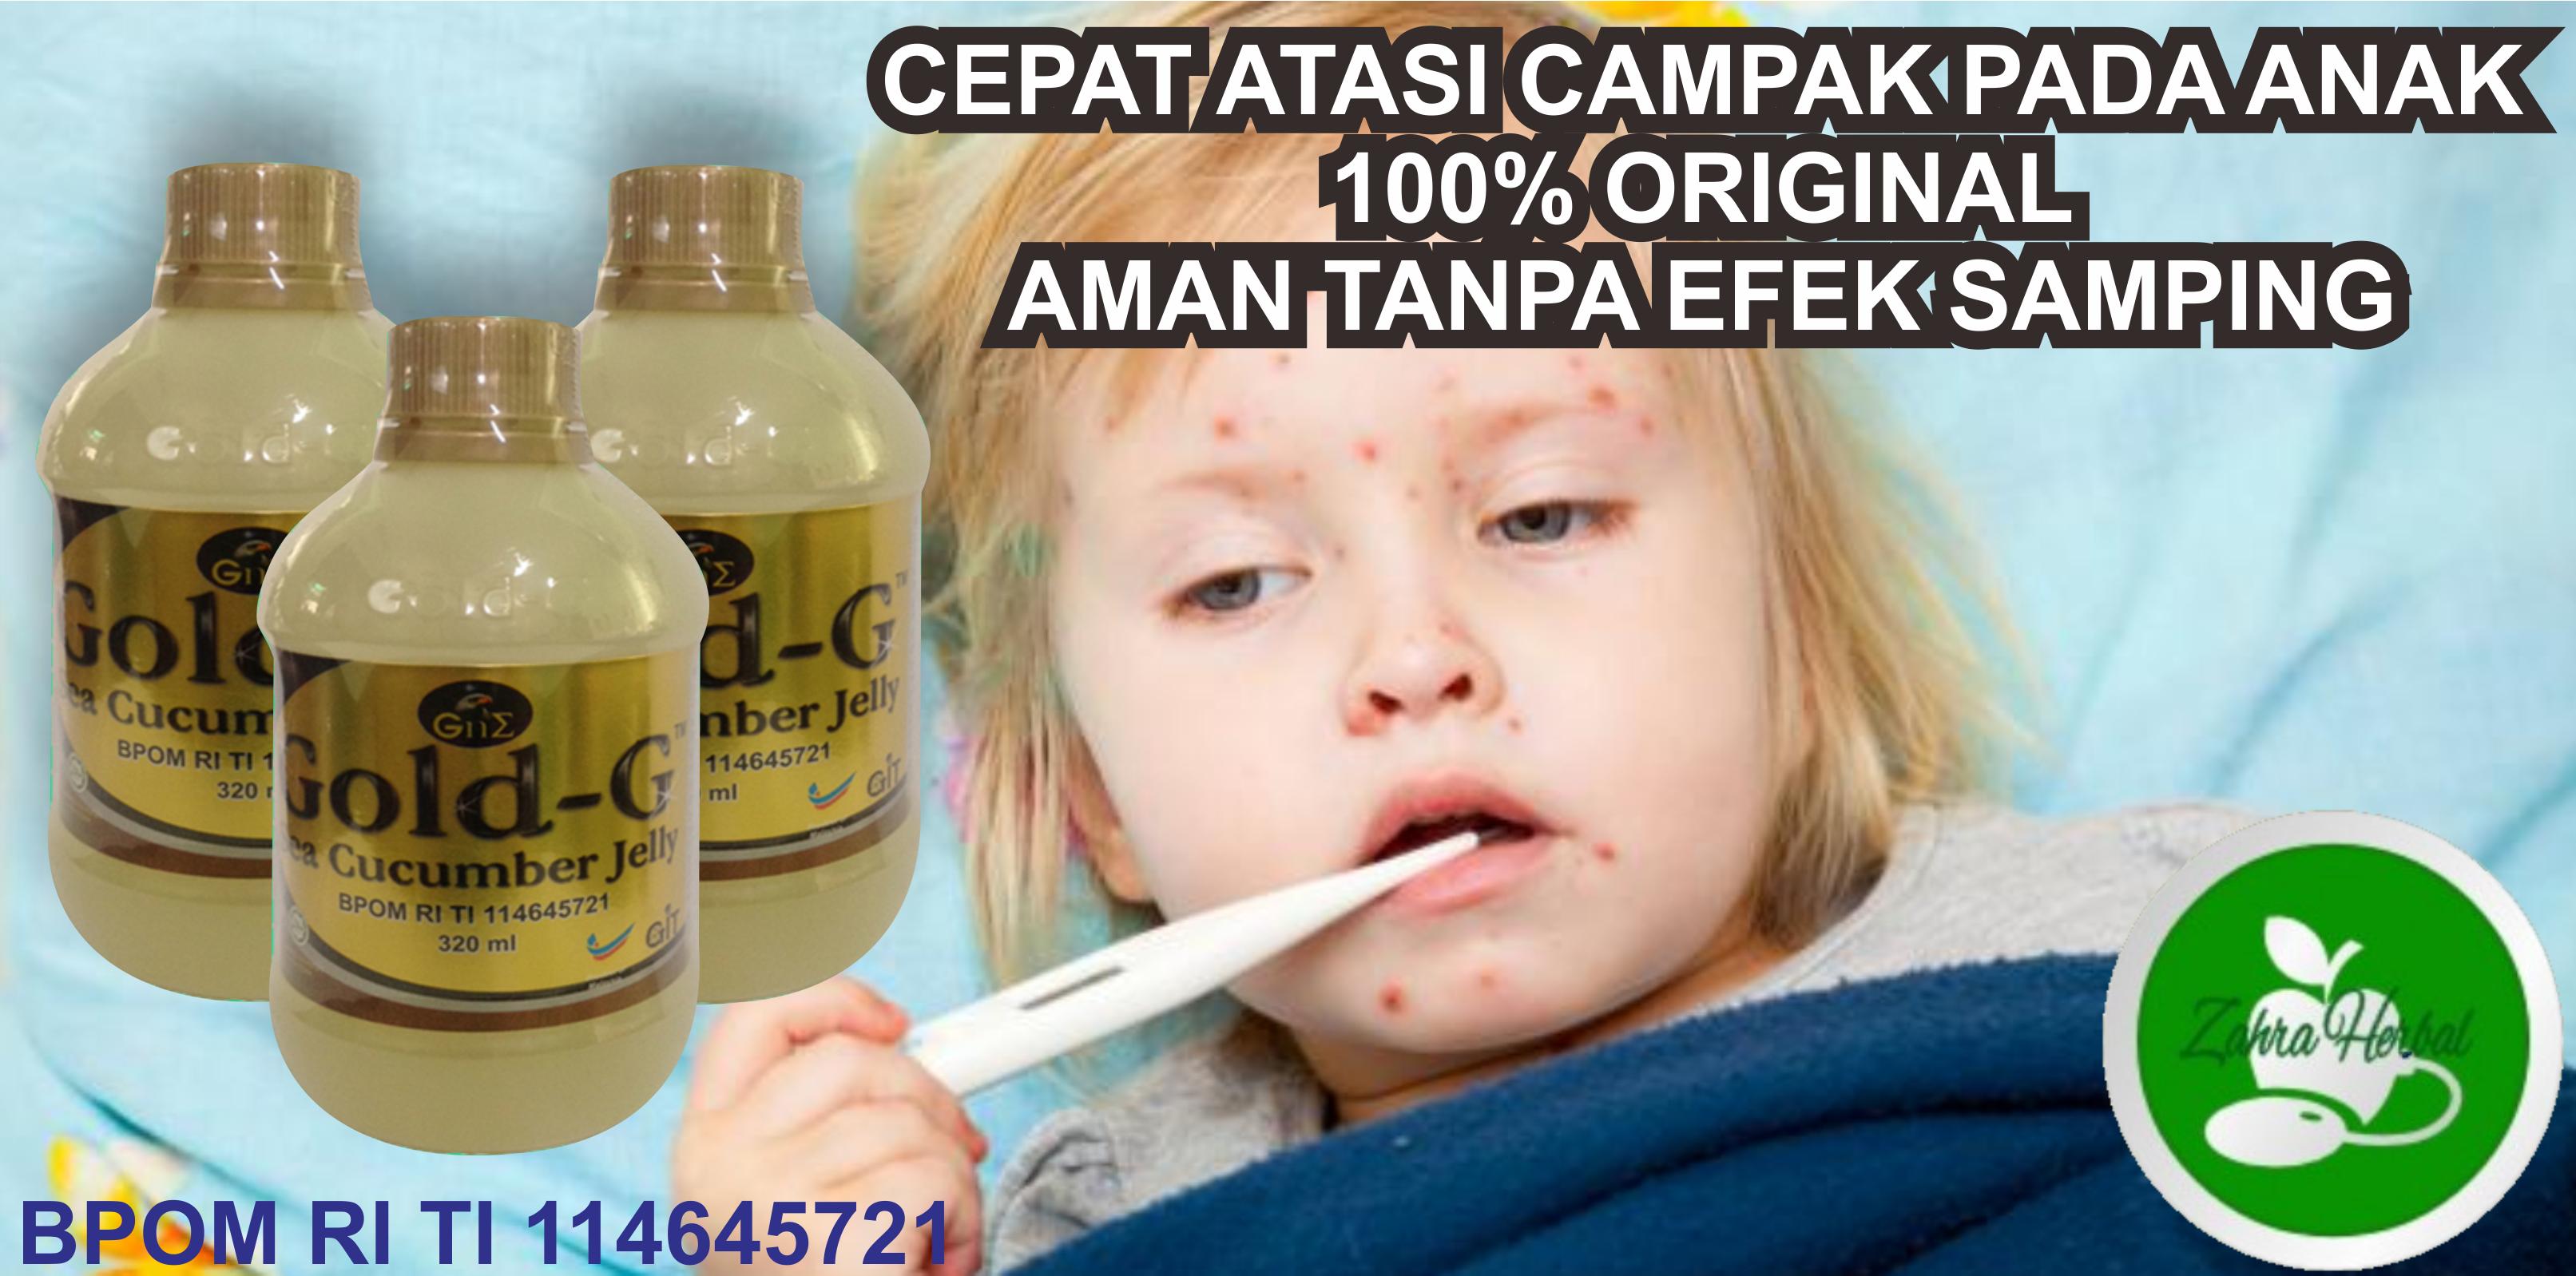 Obat Herbal Alami Terbaik Campak Pada Anak